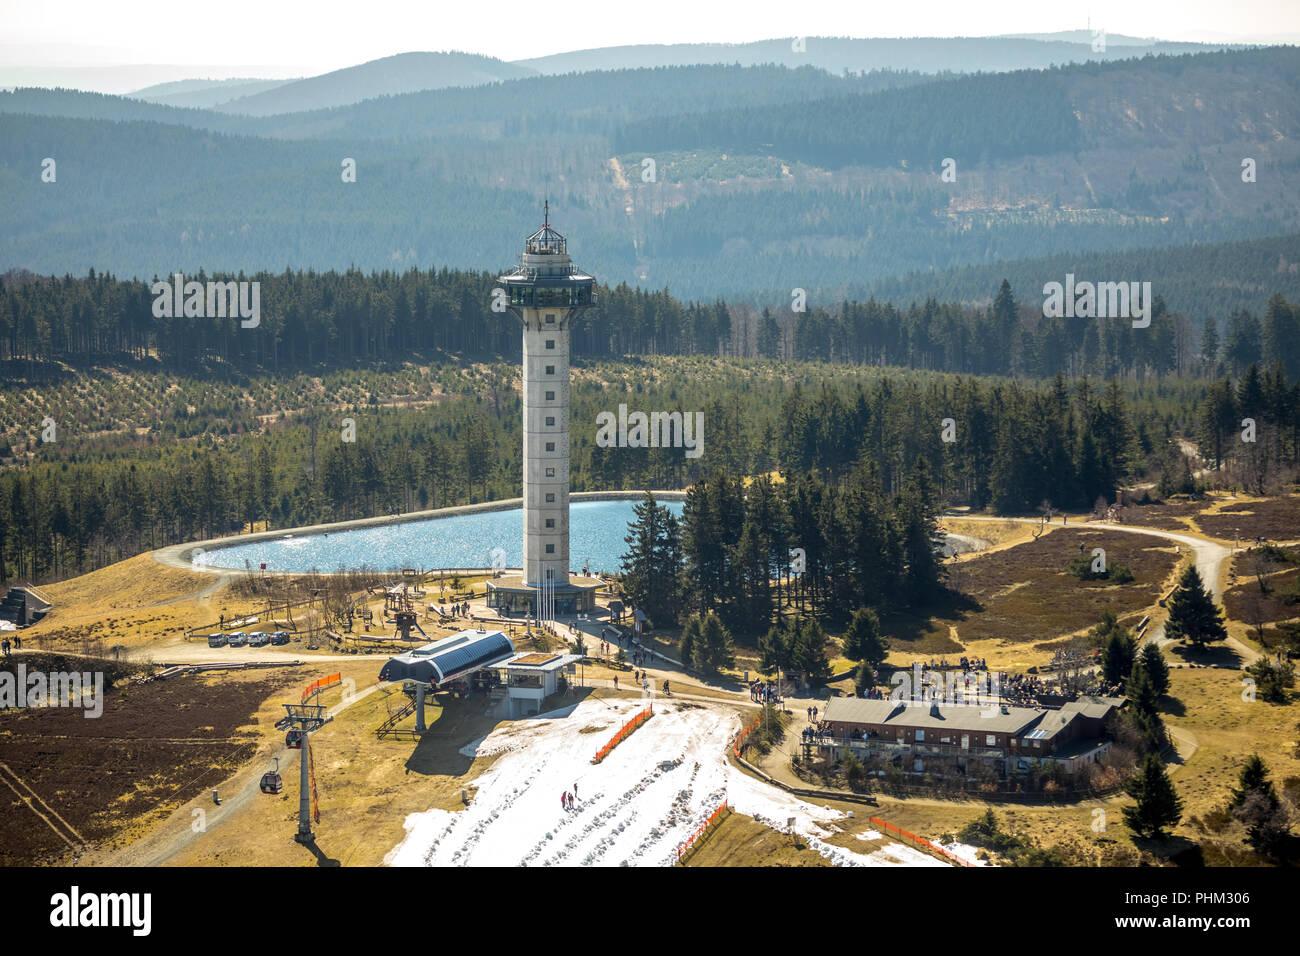 Ettelsberg mit ettel Tower, Hochheideturm, Ettelsberg See, Siggis Hütte, gesellige Mountain Inn an der Seilbahn, in Willingen in Hessen. Willinge Stockbild